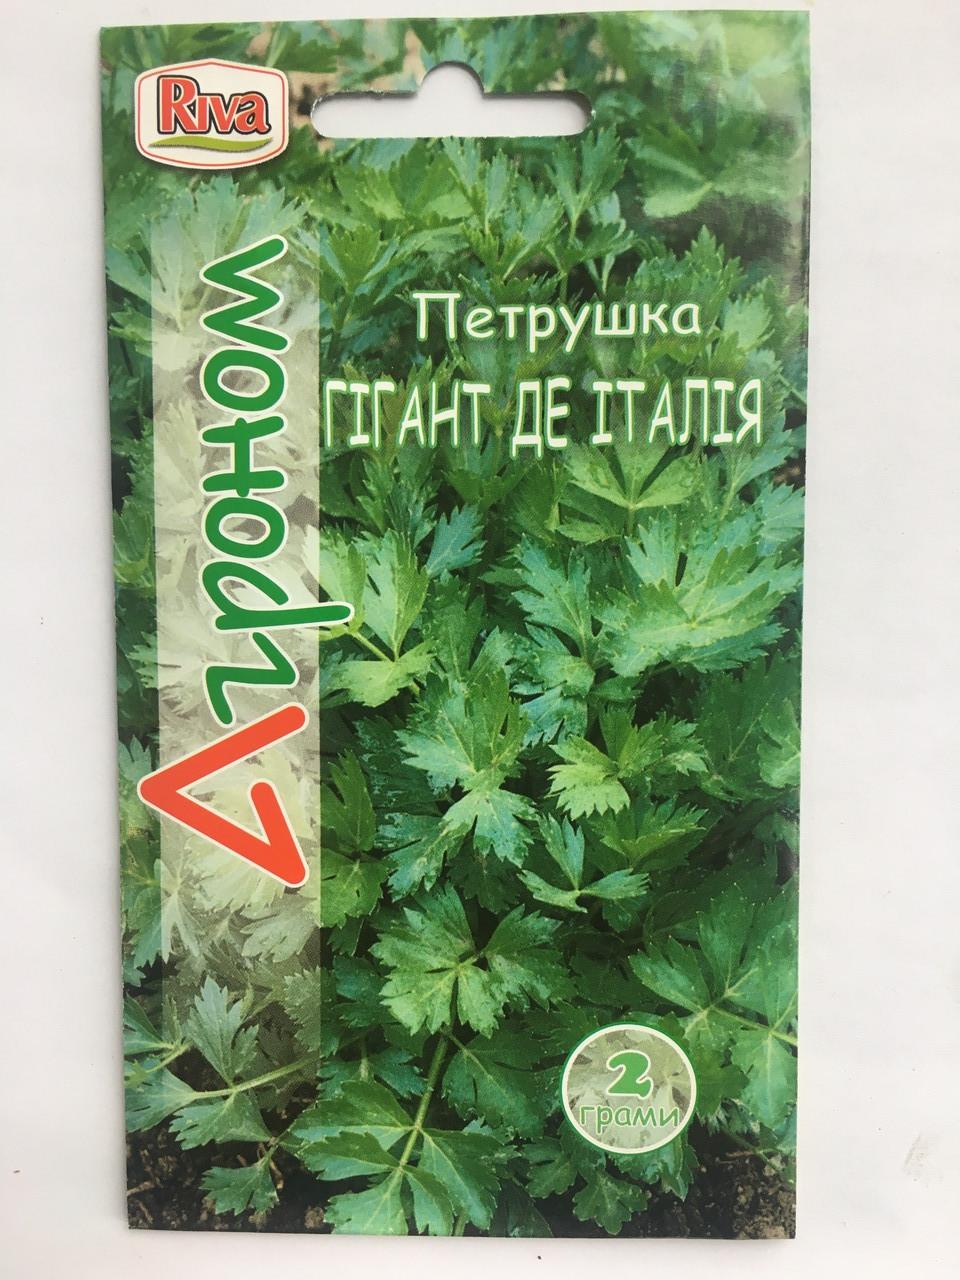 Семена Агроном Петрушка Гигант де Италия 2гр